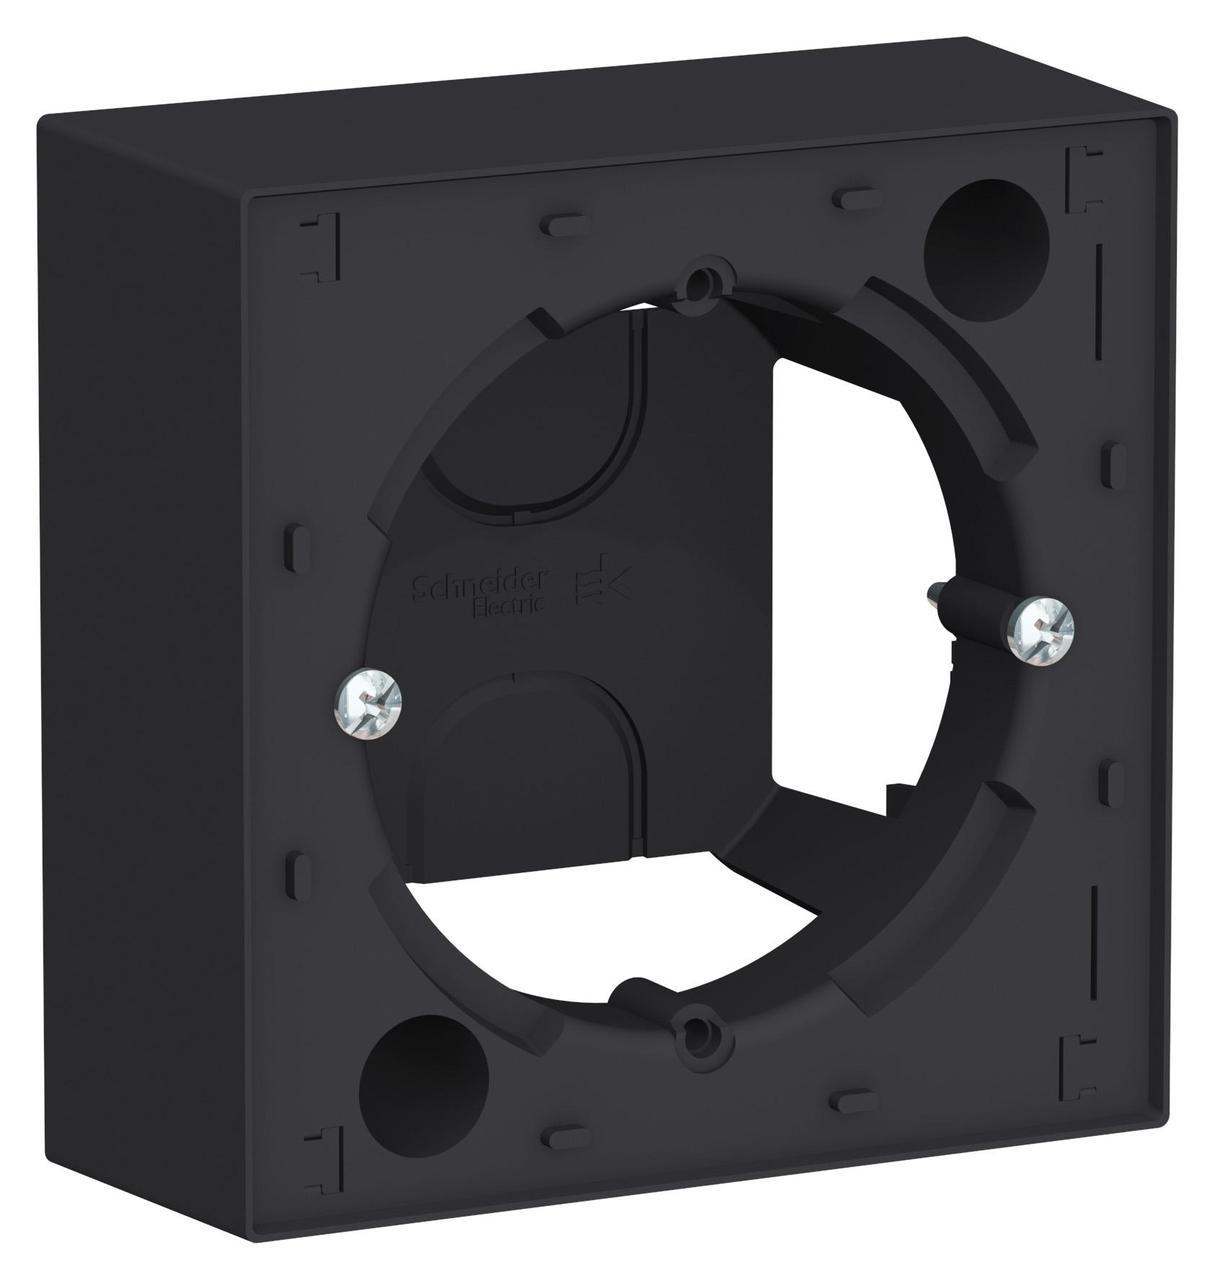 Рамка подъемная 1-ая , Карбон, серия Atlas Design, Schneider Electric